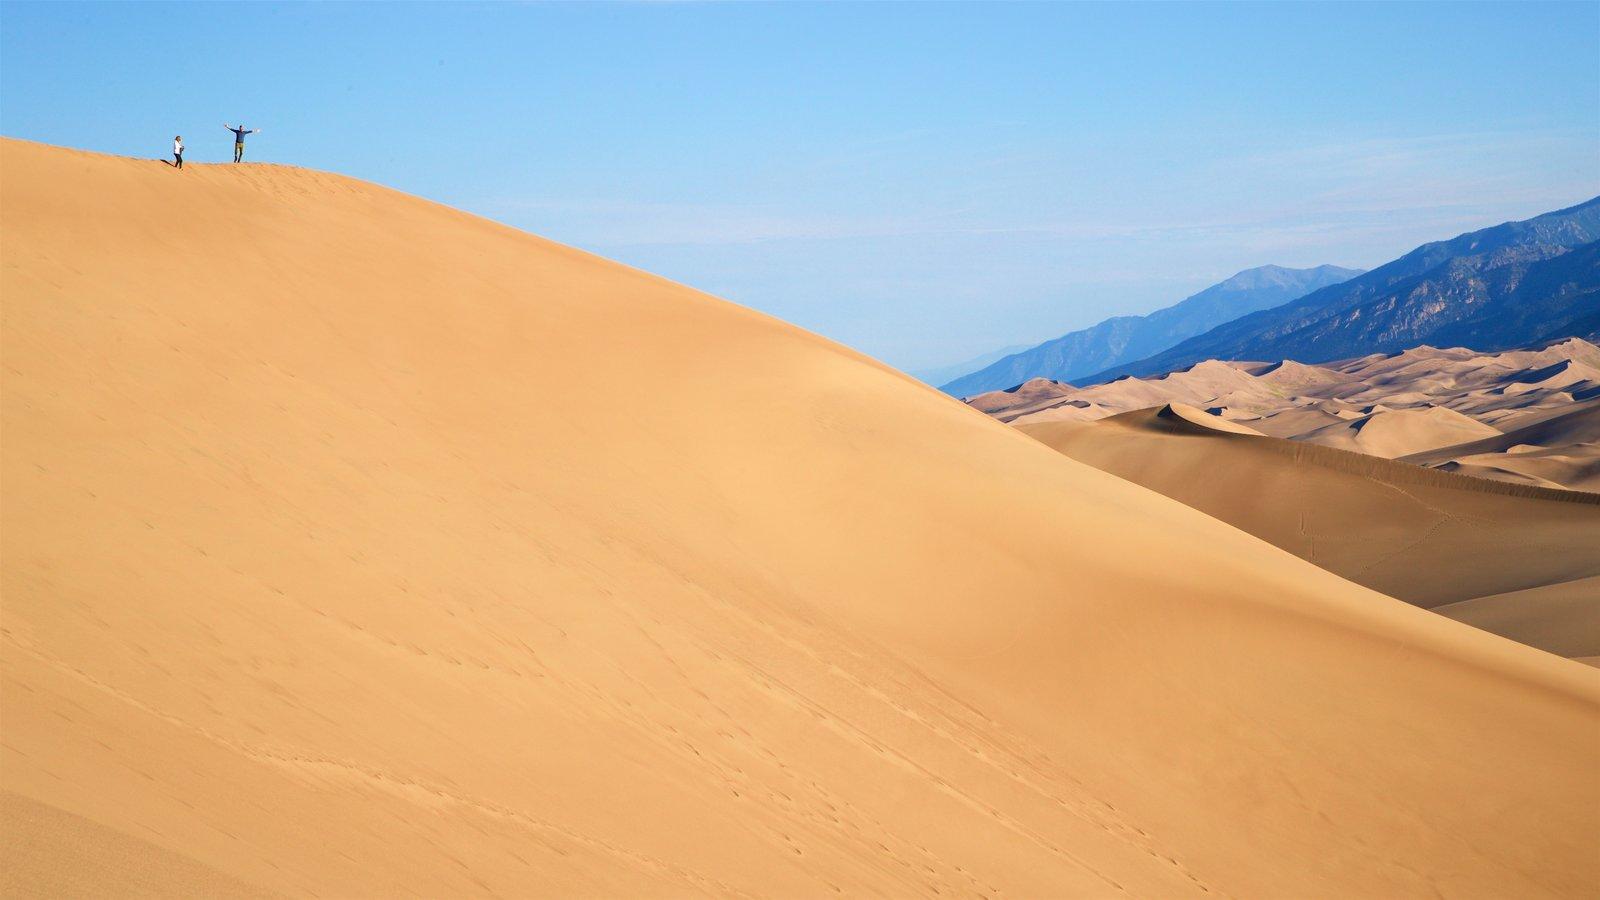 Great Sand Dunes National Park caracterizando paisagem e paisagens do deserto assim como um casal